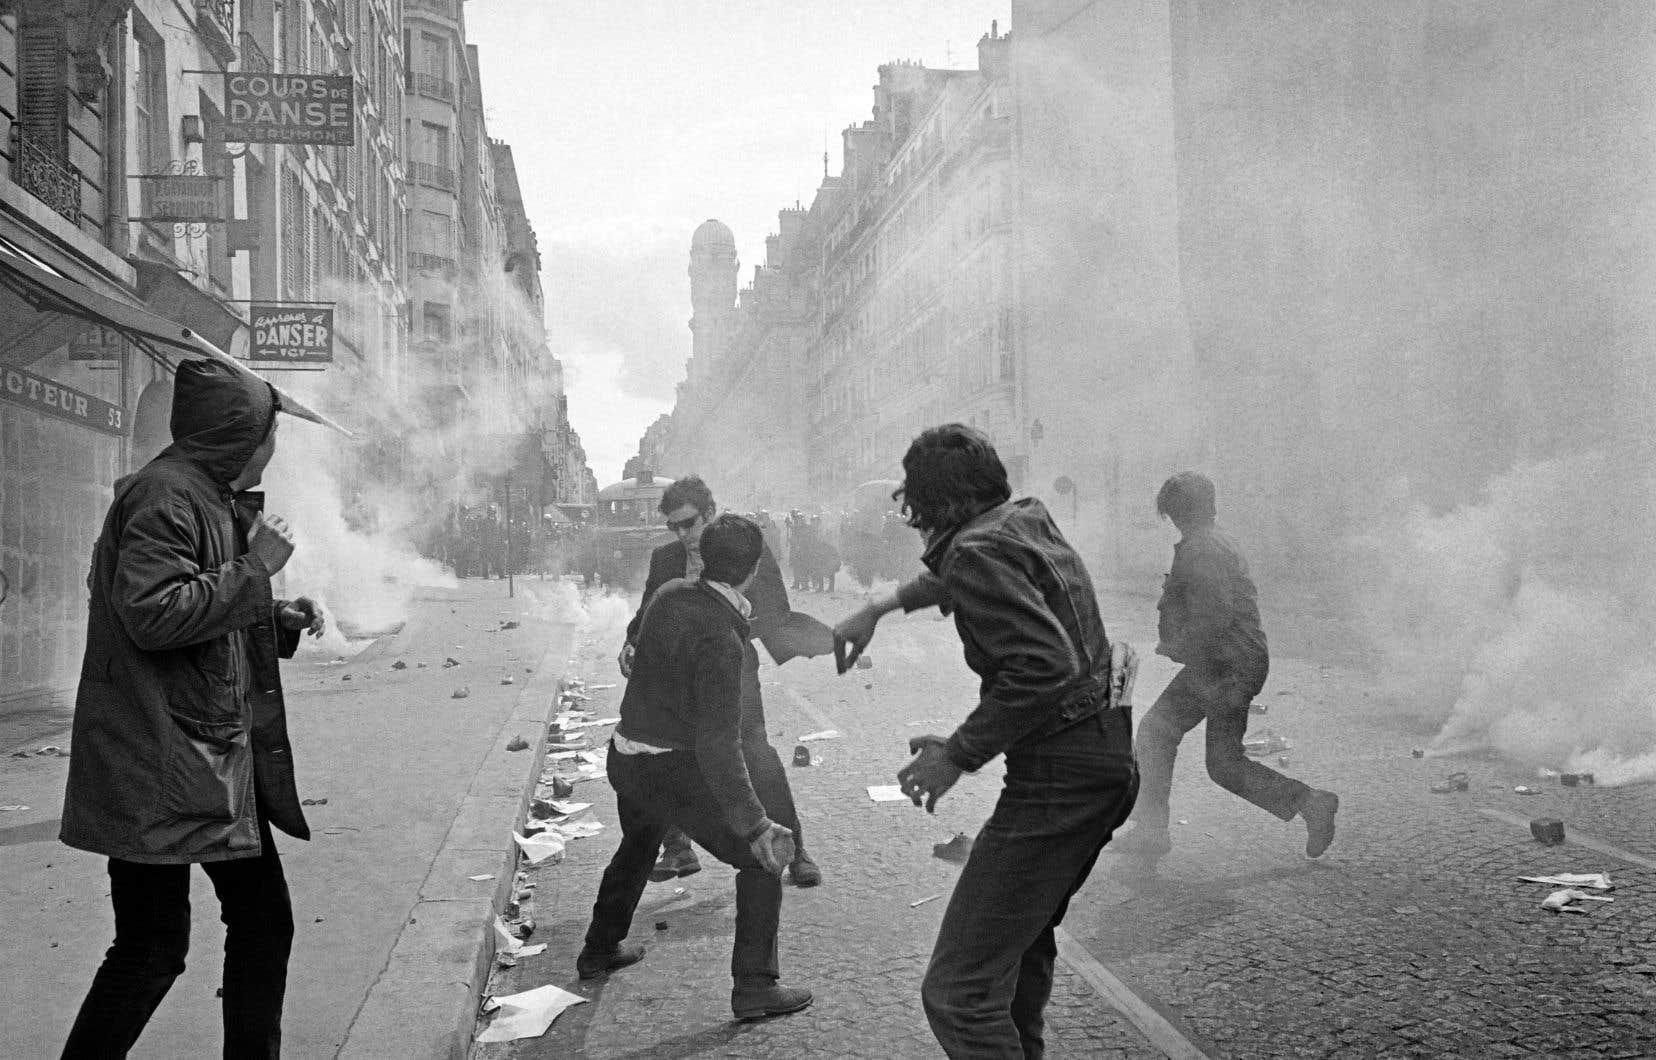 Le 6mai 1968, les étudiants parisiens en grève lancent des pavés sur les policiers, boulevard Saint-Germain.